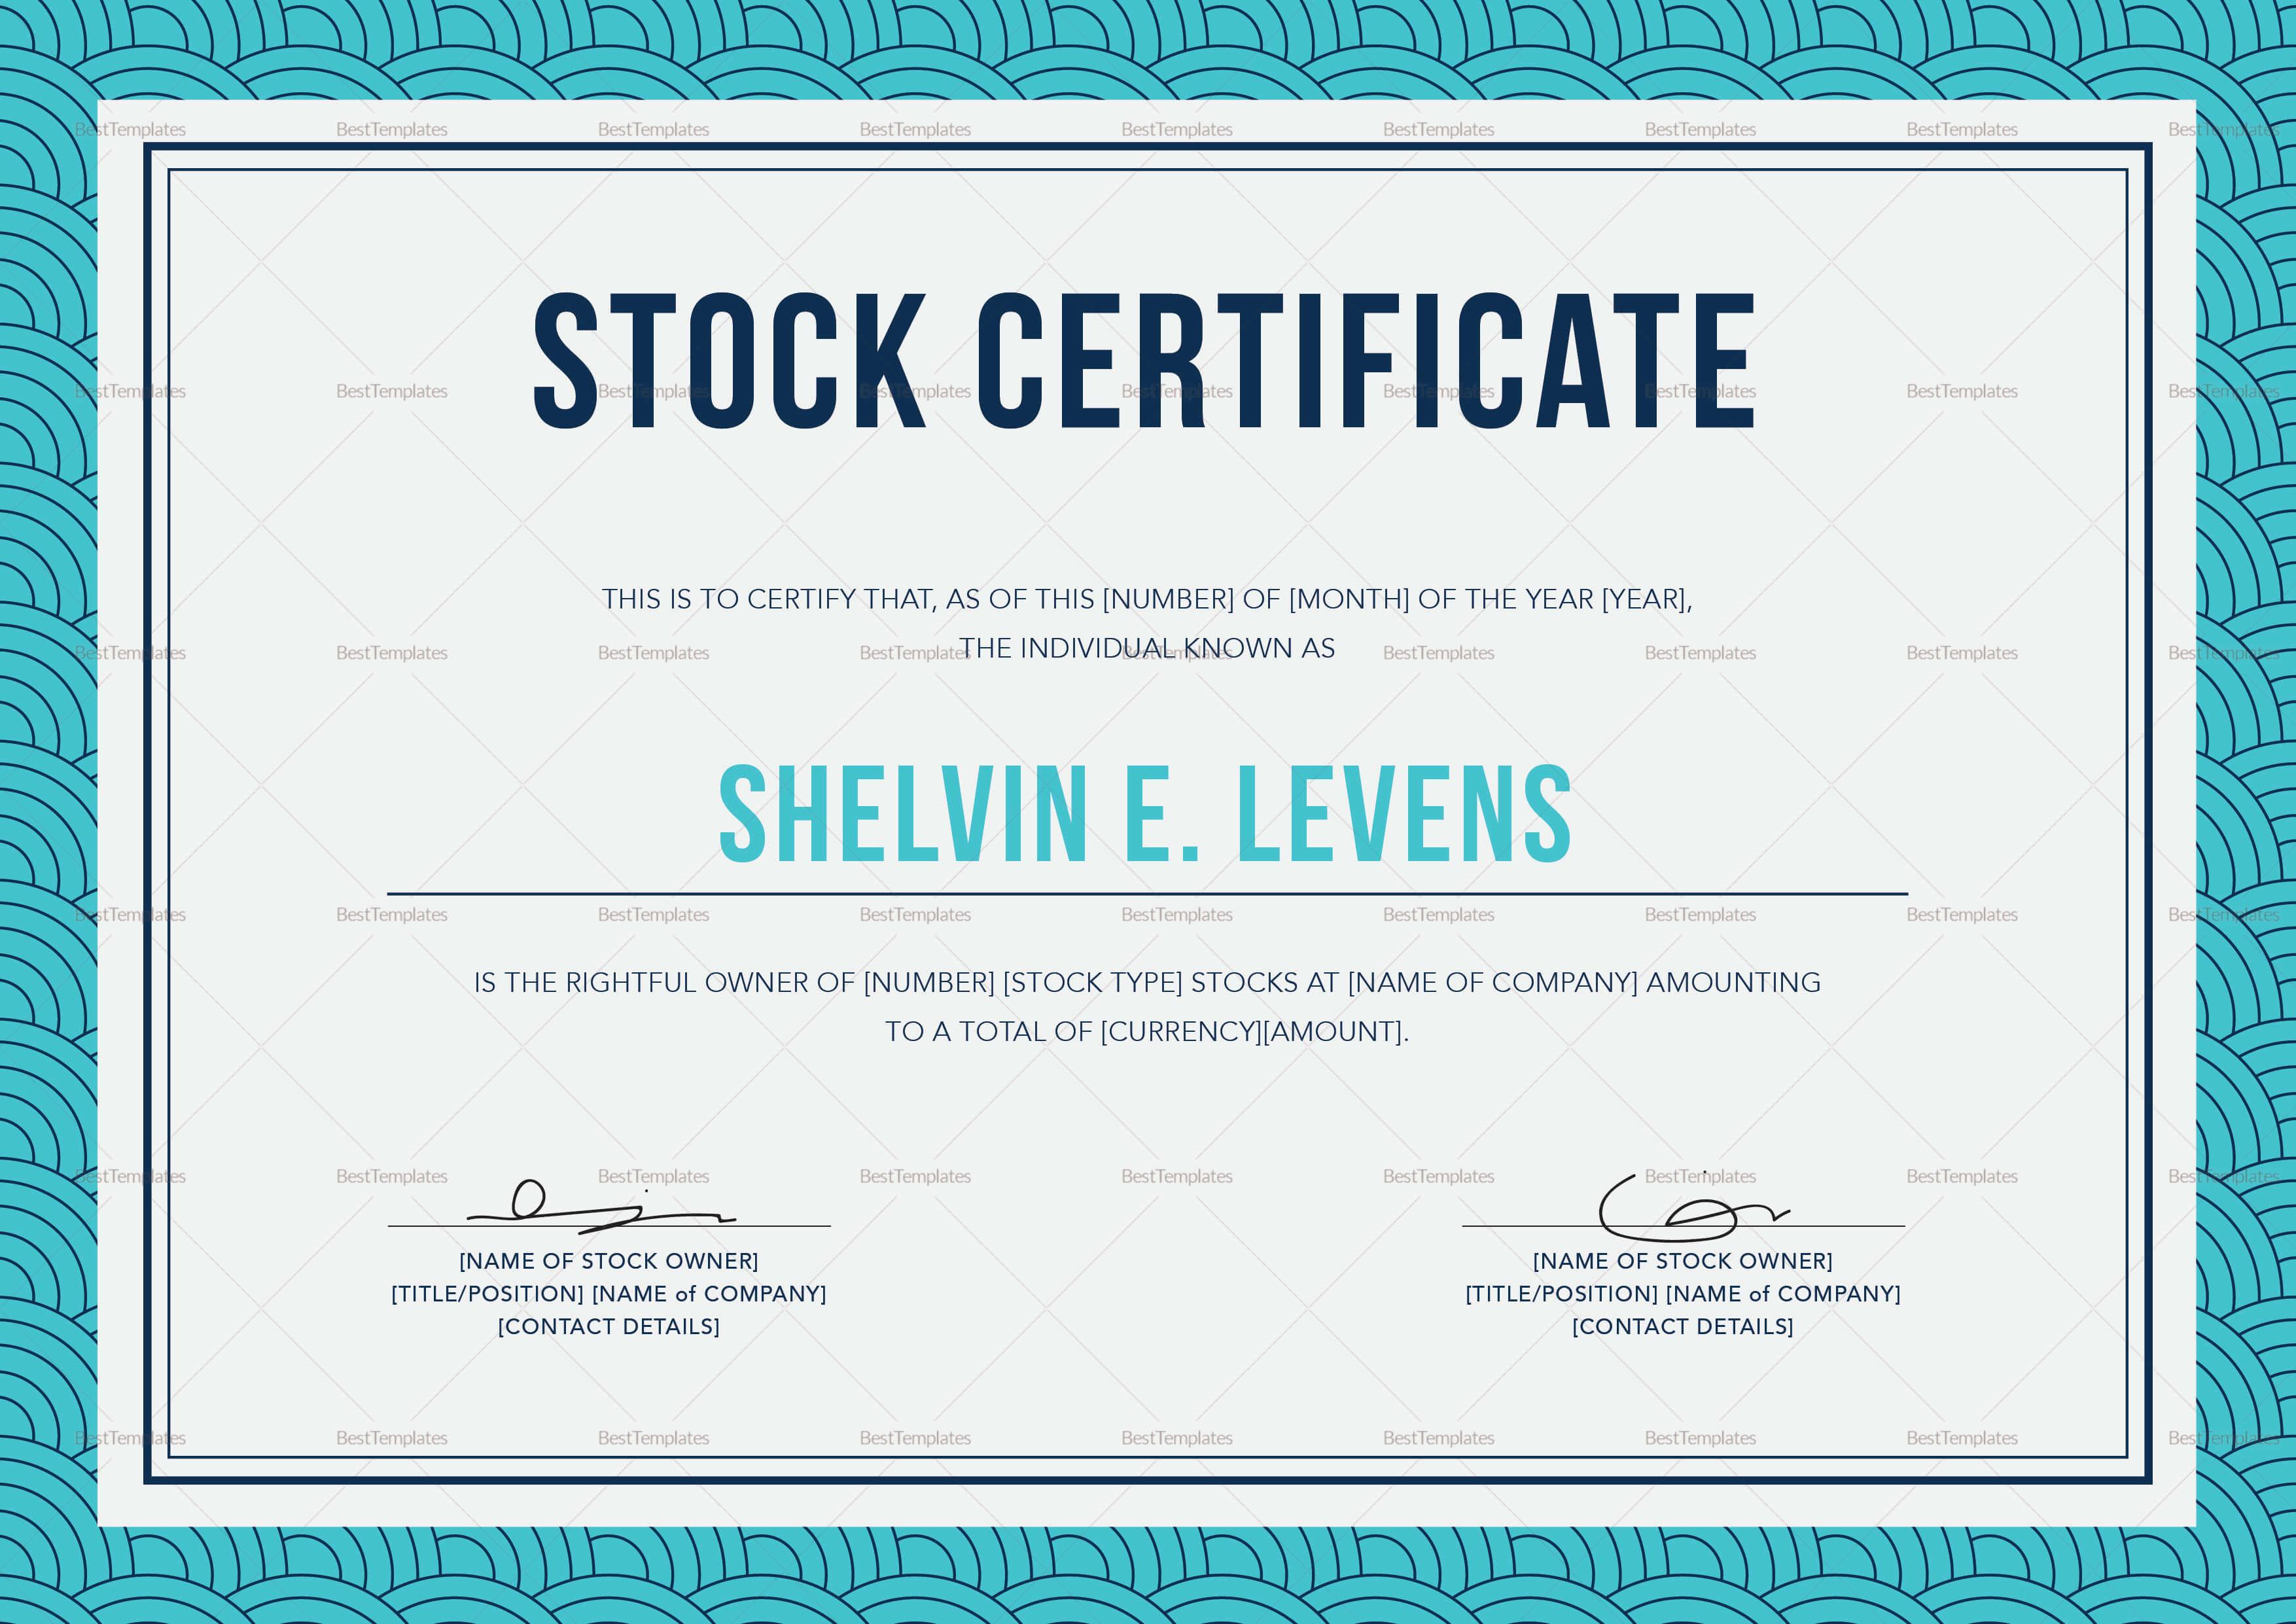 Stock Certificate Template inside Corporate Share Certificate Template